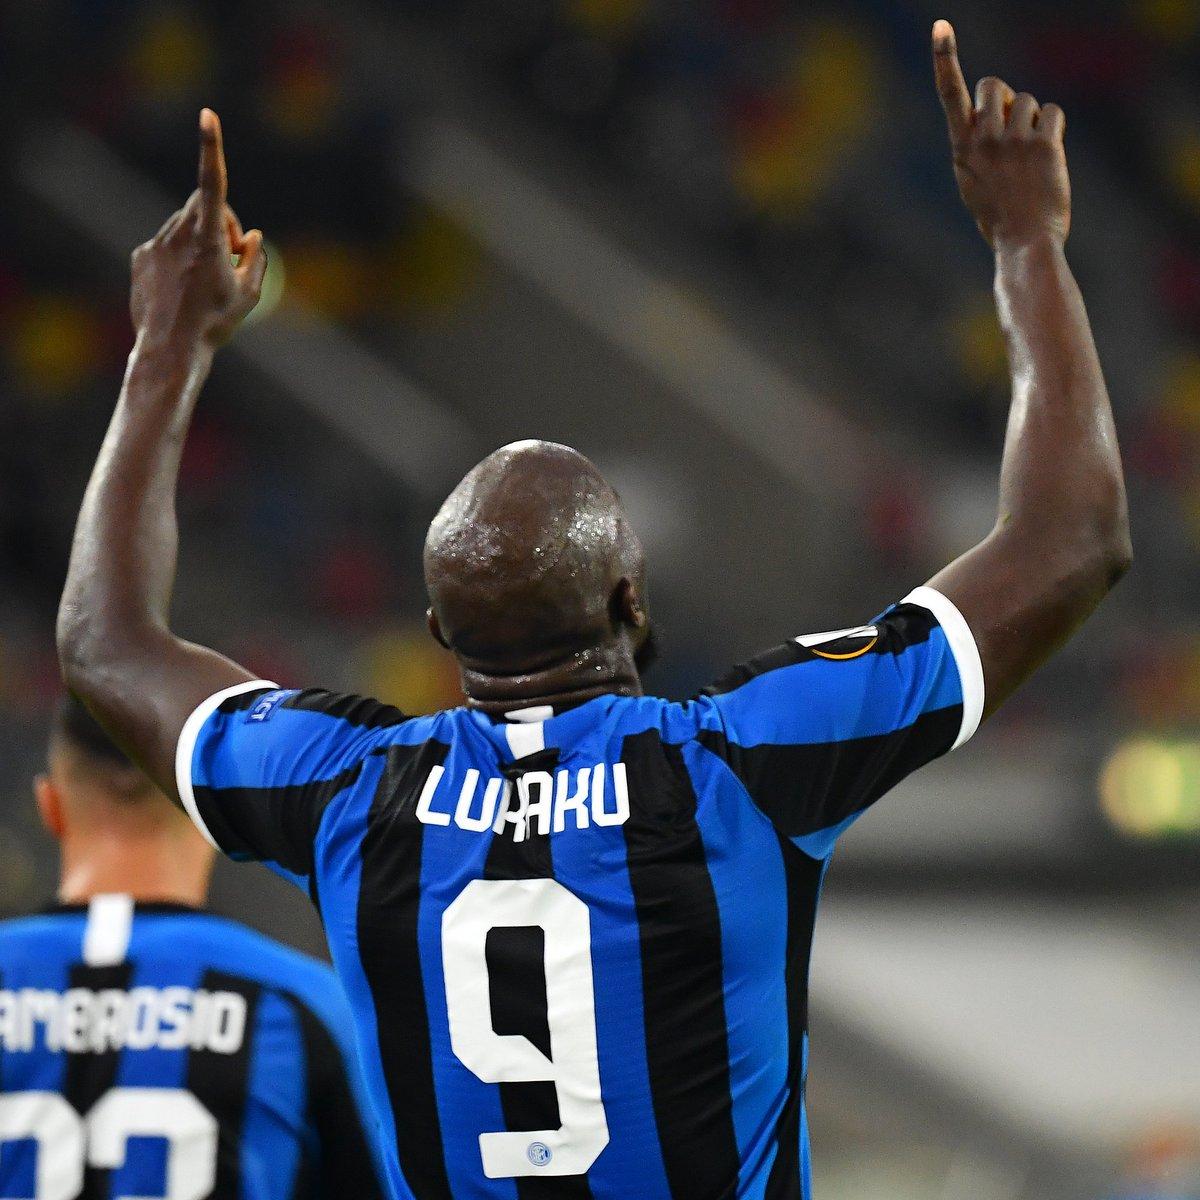 ⚫️🔵 Romelu Lukaku has scored in his last 6 European games for Inter 🙌  #UEL https://t.co/PcoZrB7jVo